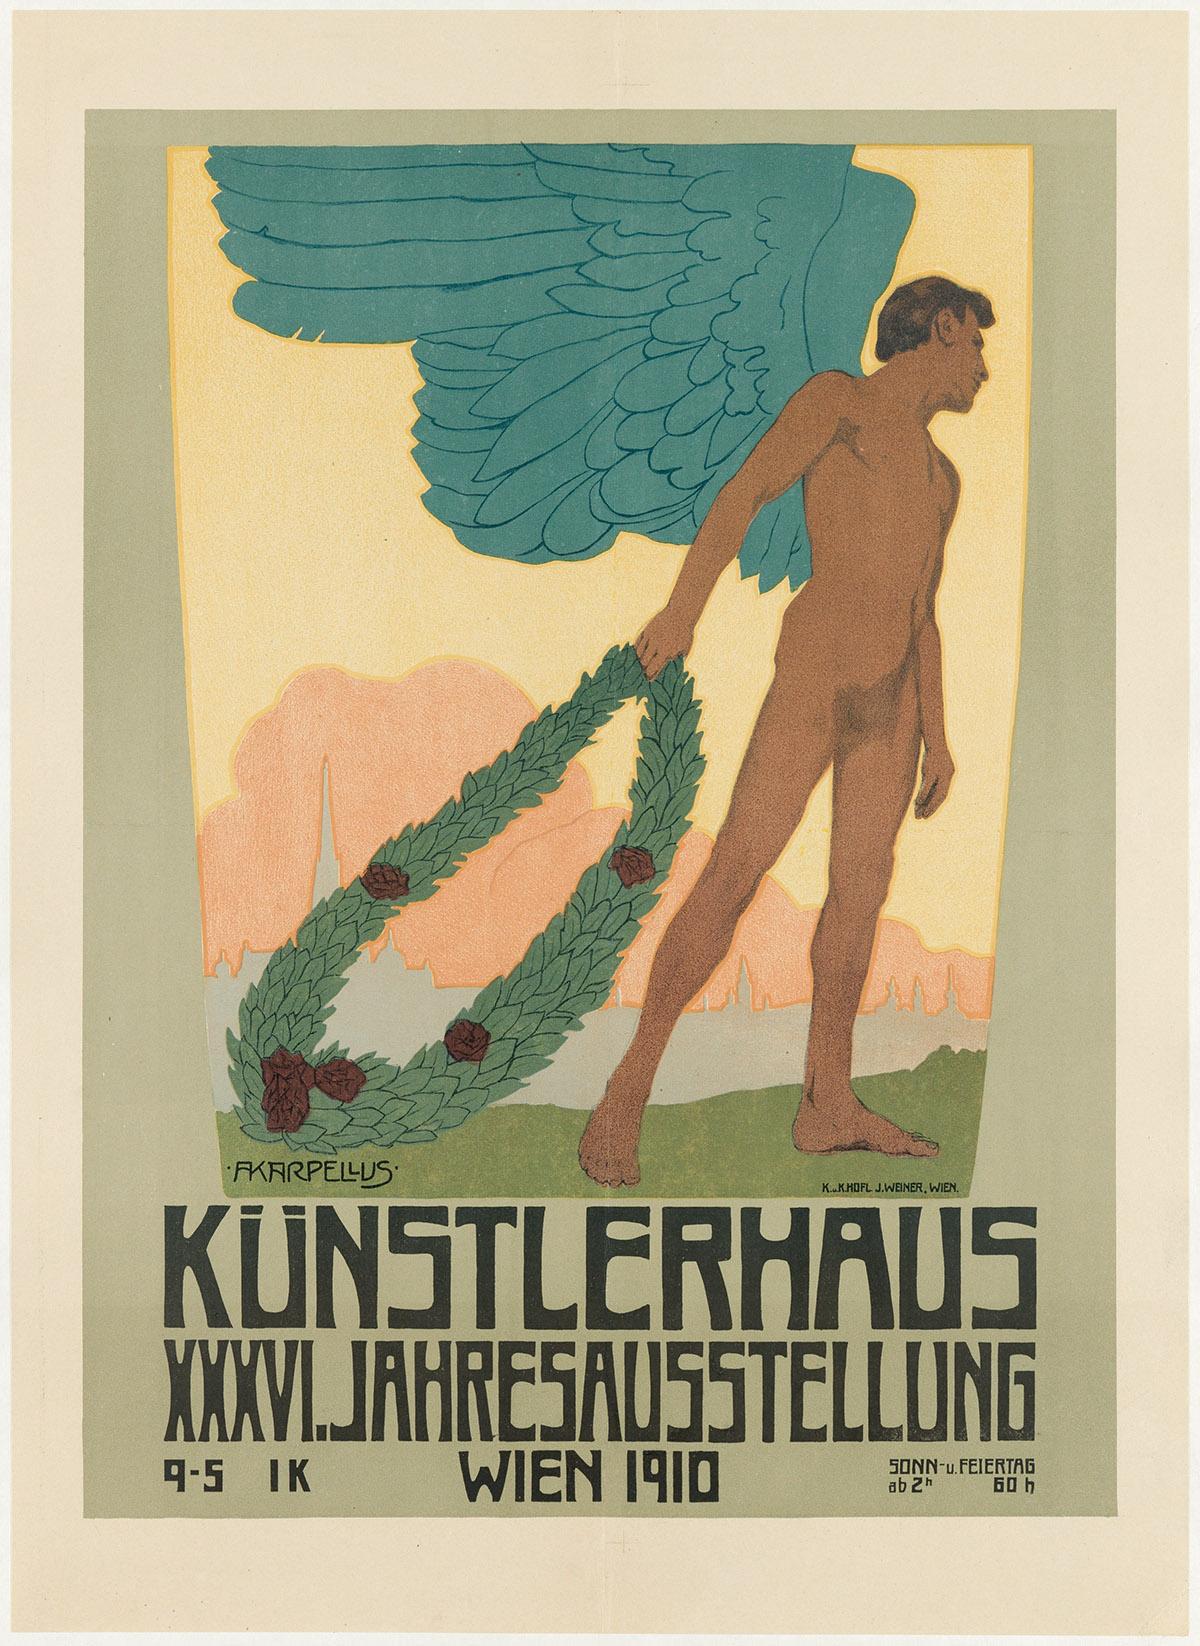 ADOLF KARPELLUS (1869-1919). KÜNSTLERHAUS XXXVI. JAHRESAUSSTELUNG. 1910. 24x18 inches, 61x45 cm. J. Weiner, Vienna.